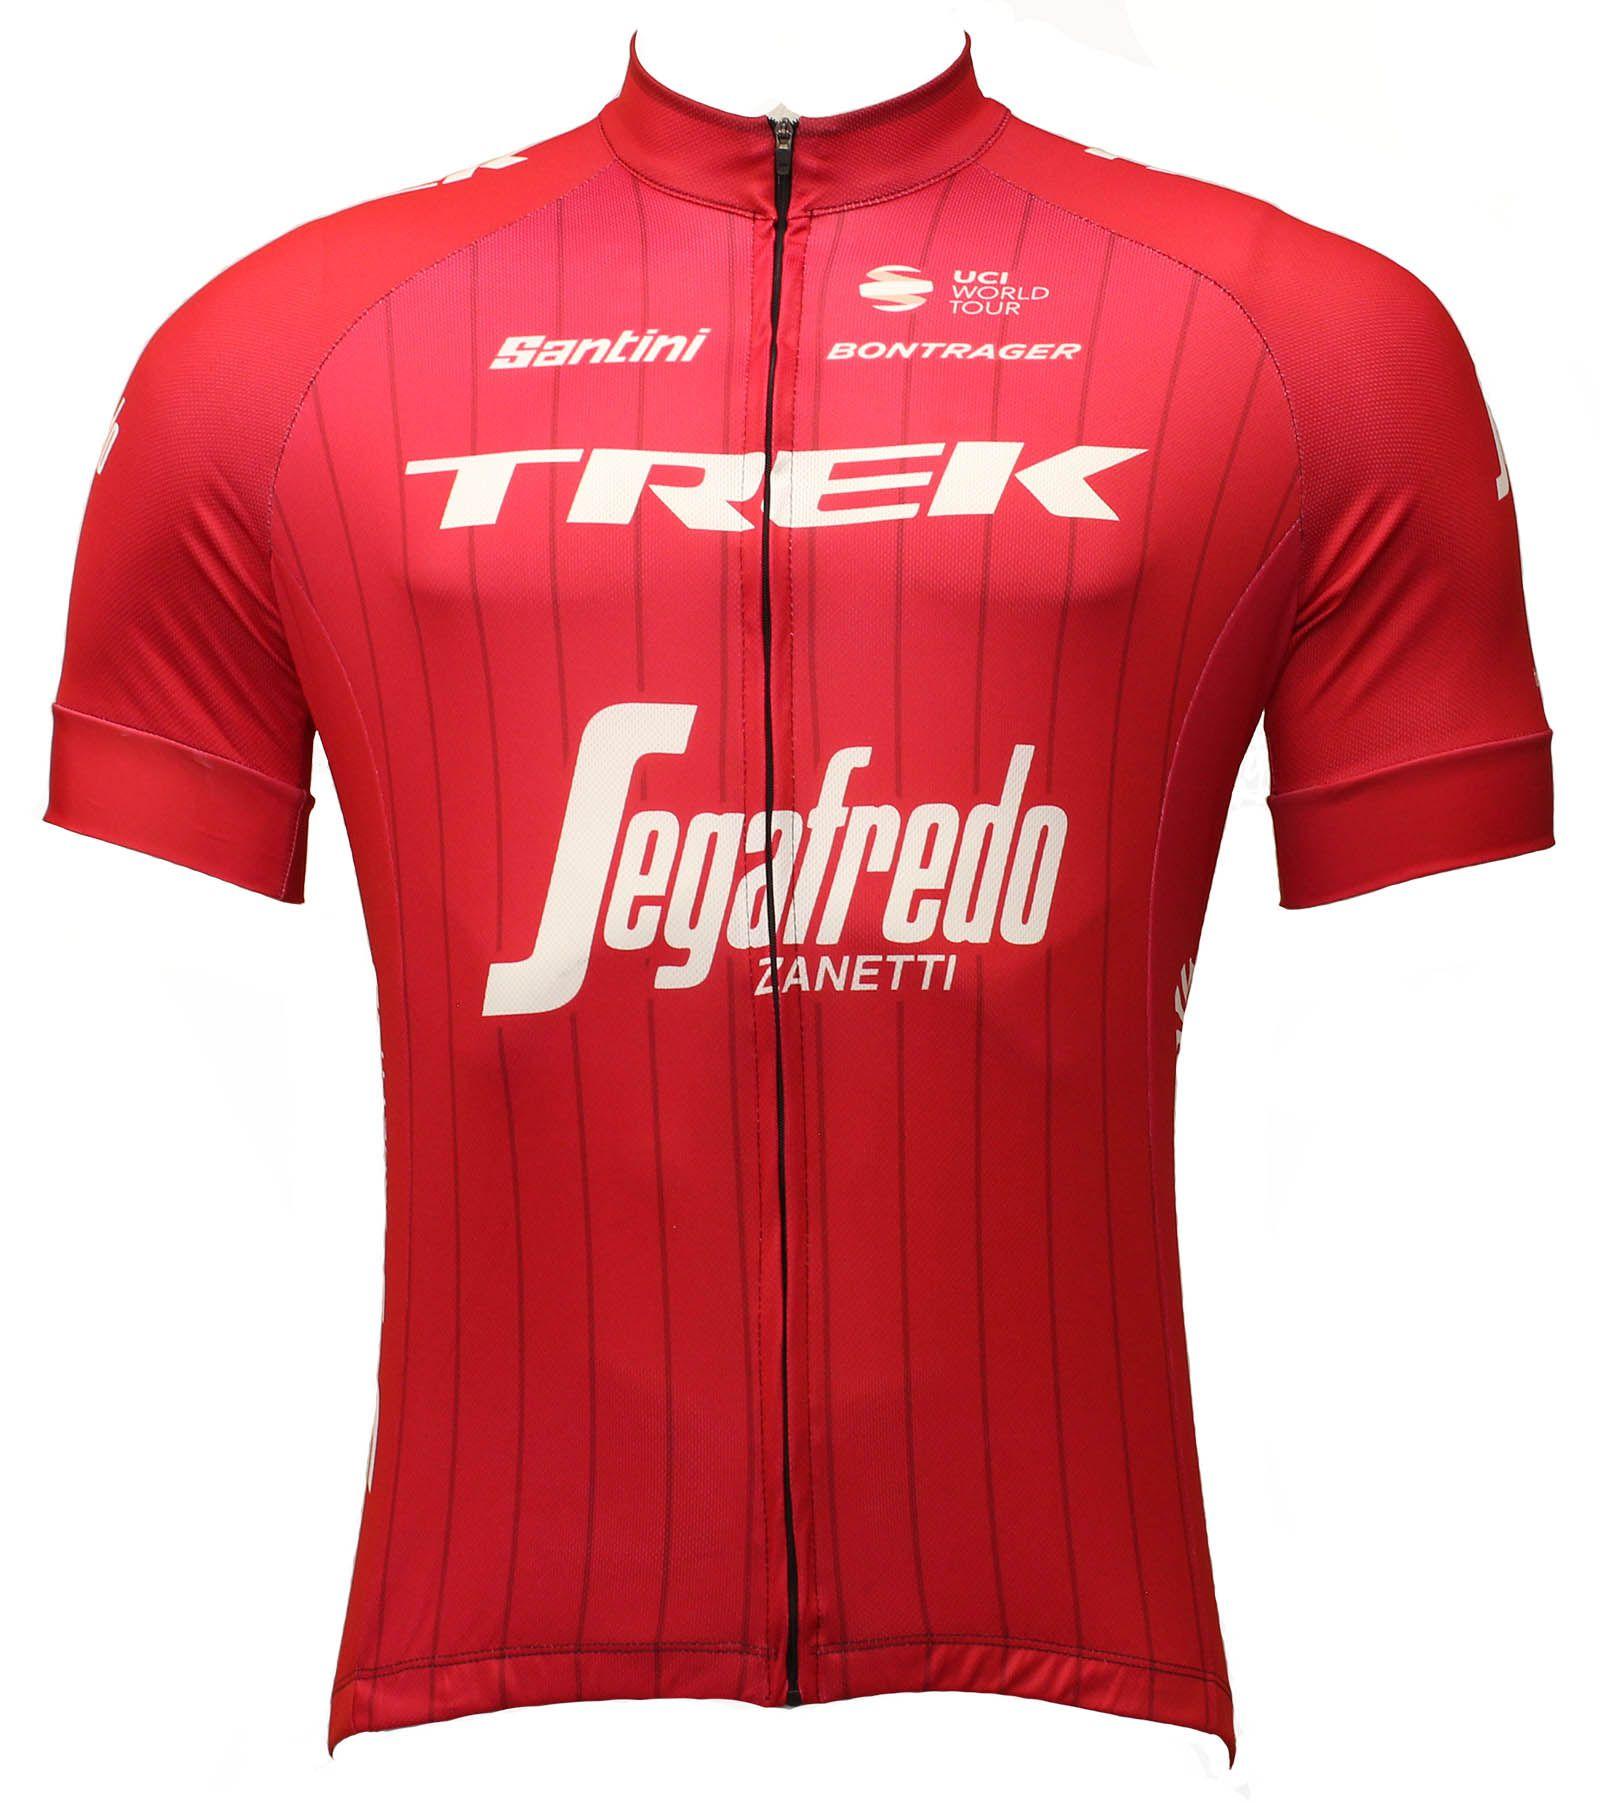 Camisa Ciclismo Masculina TREK c  Proteção UV - Arkany - Londrina ... b095e0c8d02